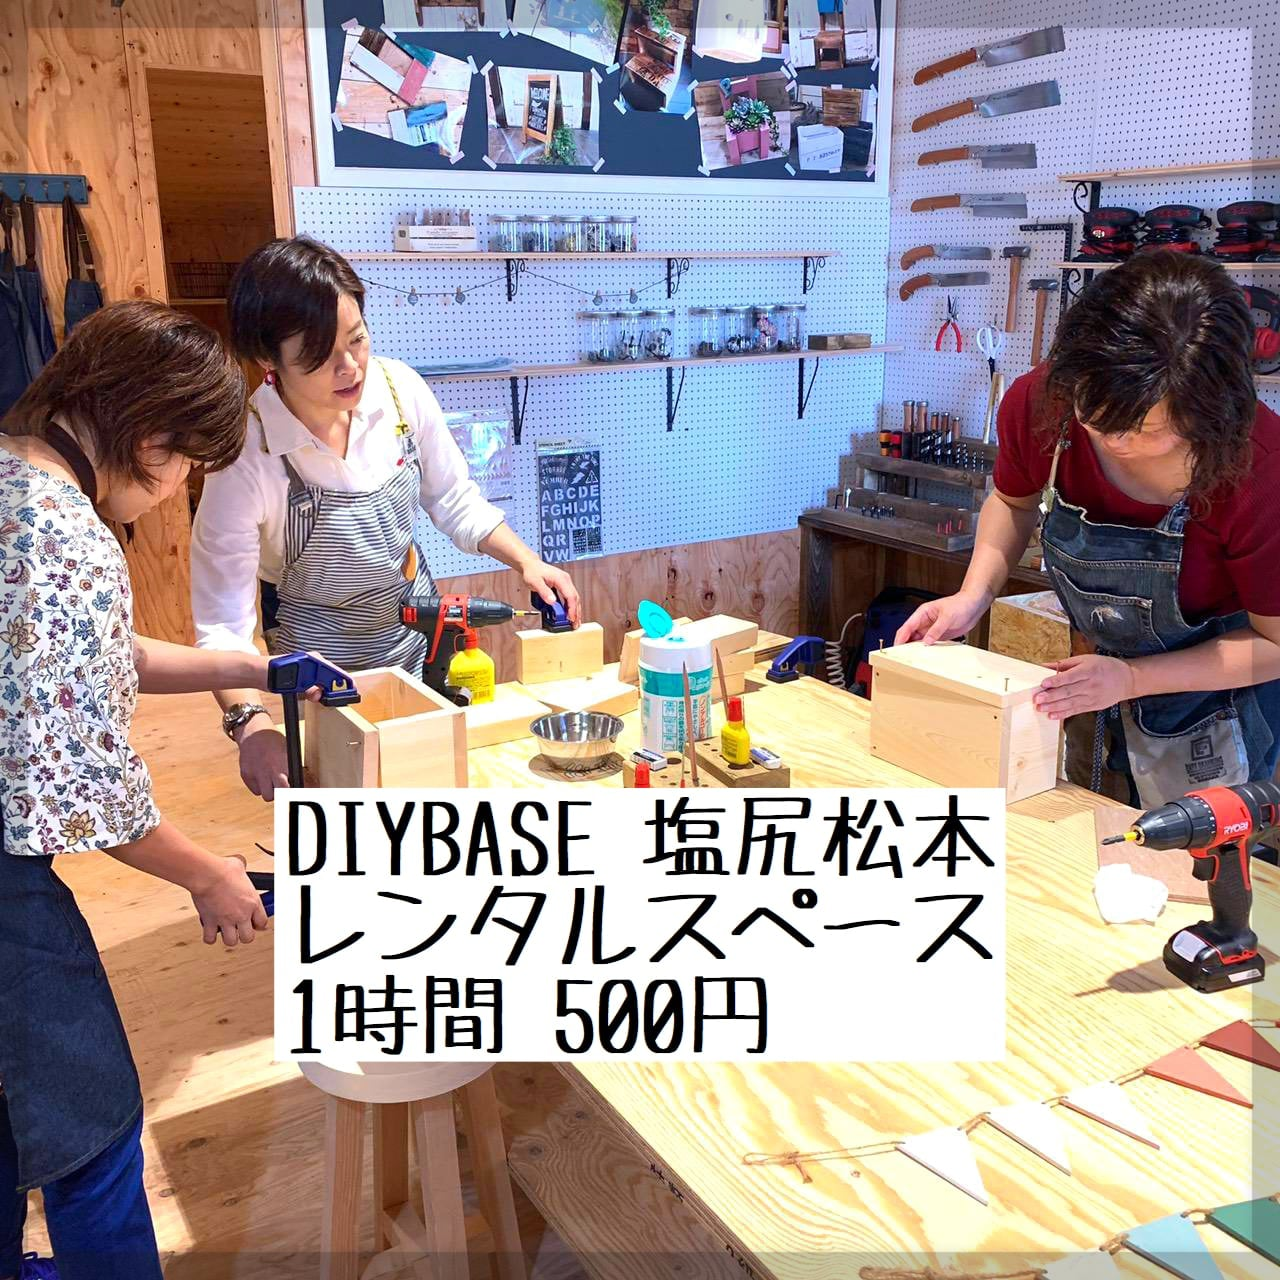 【DIYBASEレンタルスペース】1時間500円ウェブチケットのイメージその1